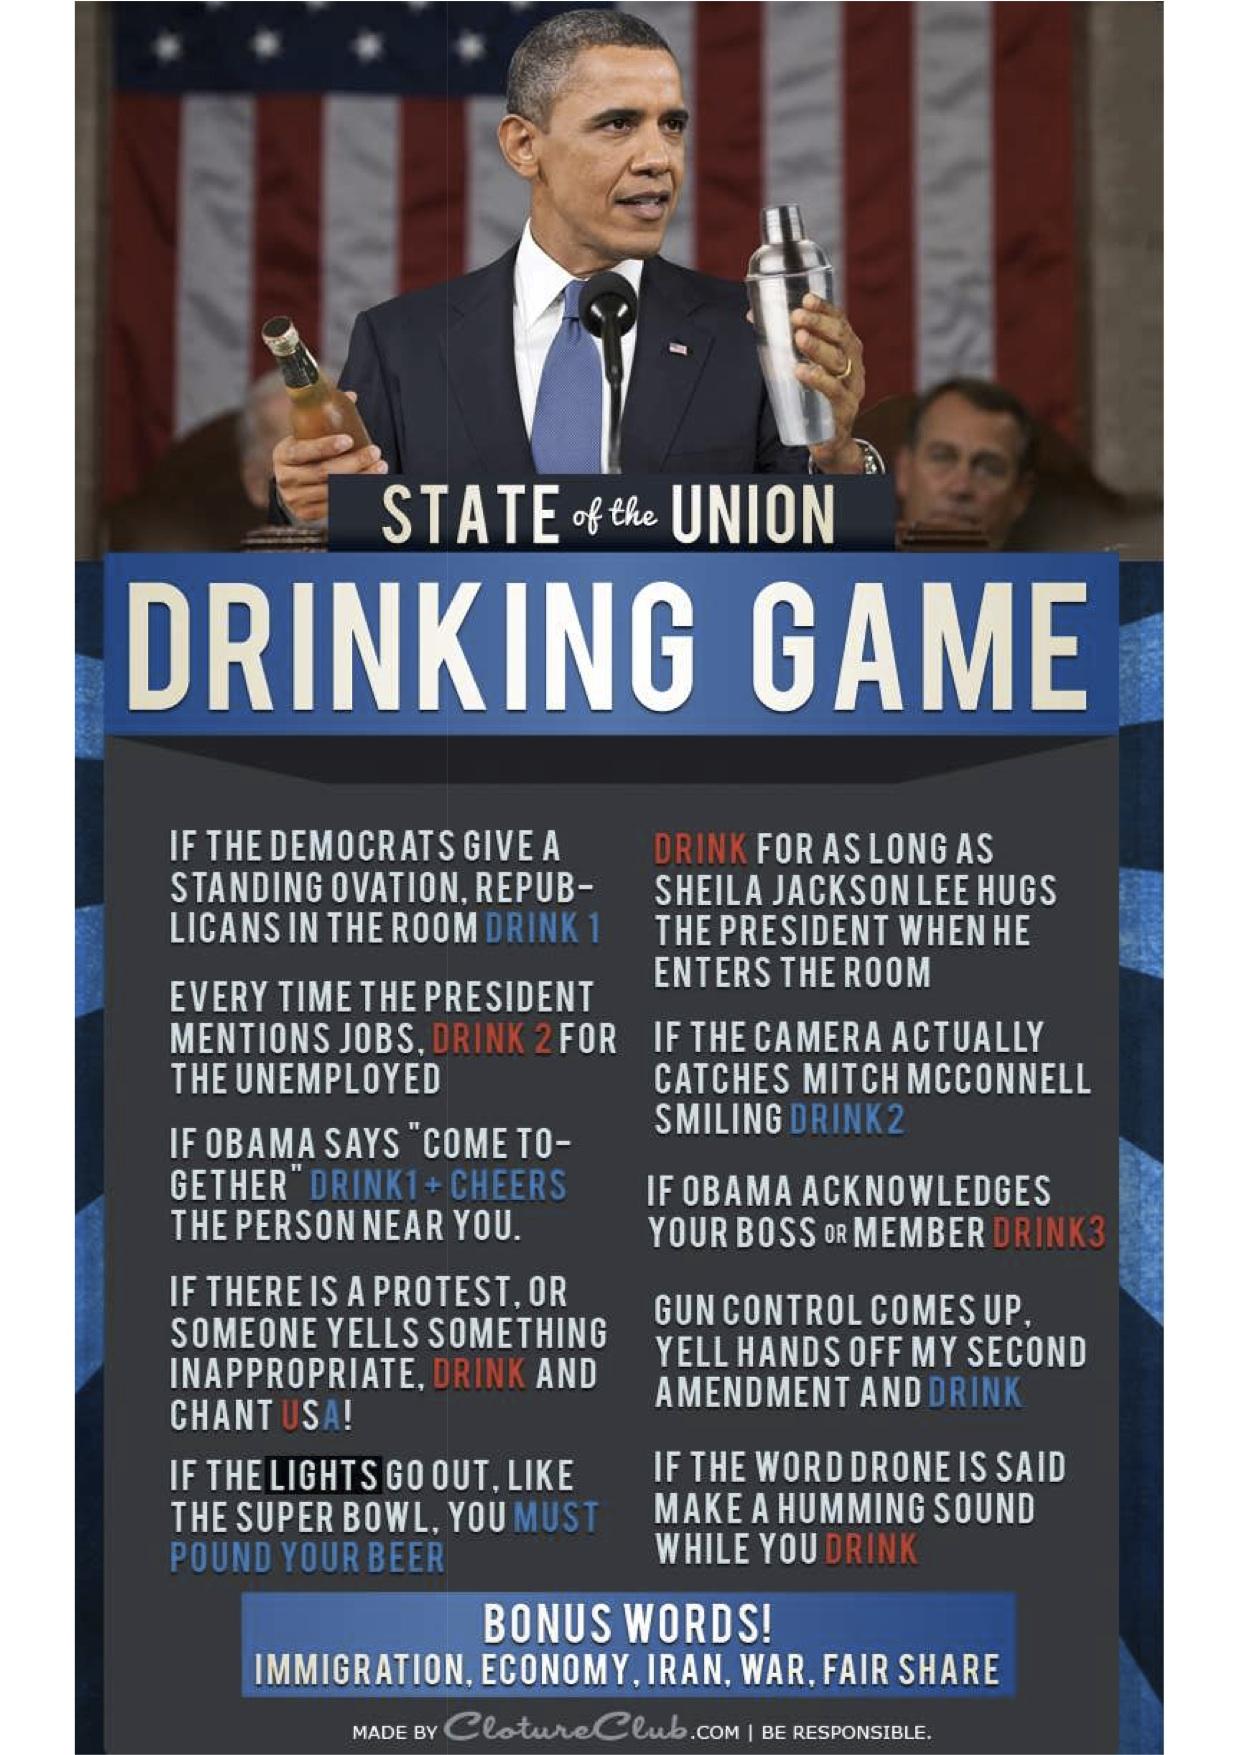 SOTU drinking game